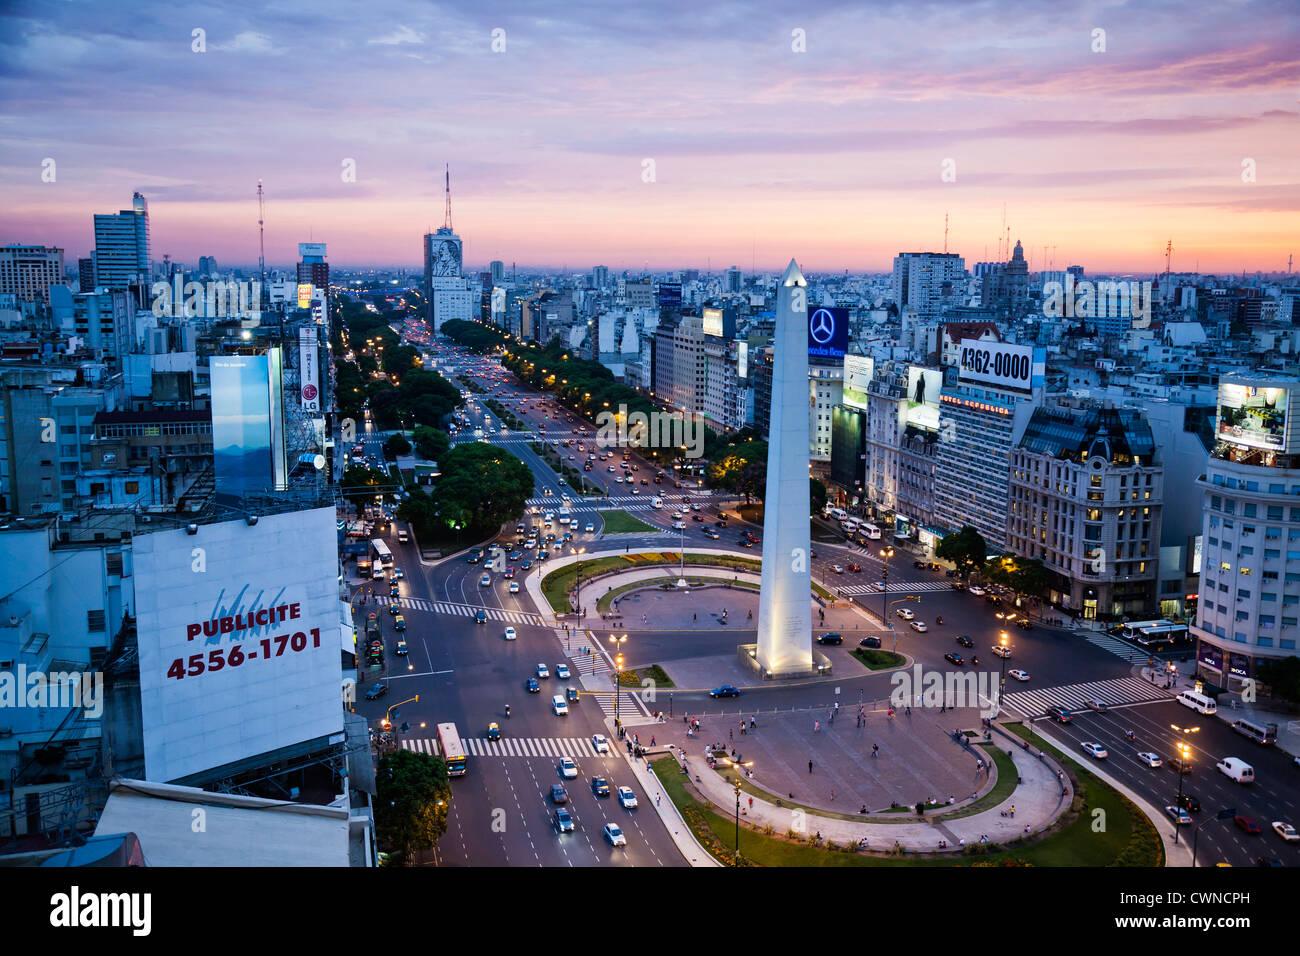 Vistas a la Avenida 9 de julio y el obelisco de la Plaza Republica, Buenos Aires, Argentina. Imagen De Stock